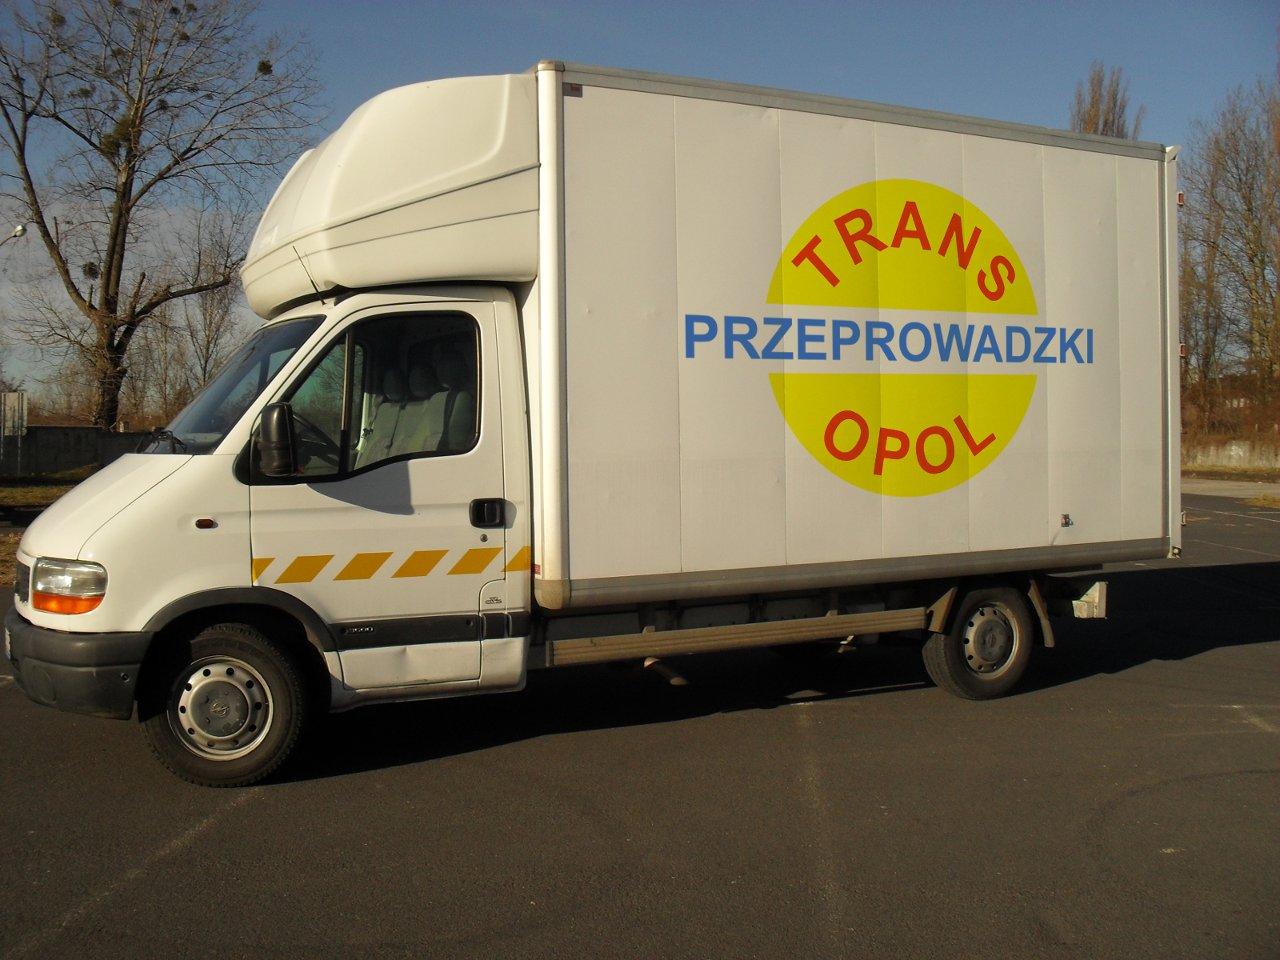 Przeprowadzki-Opole